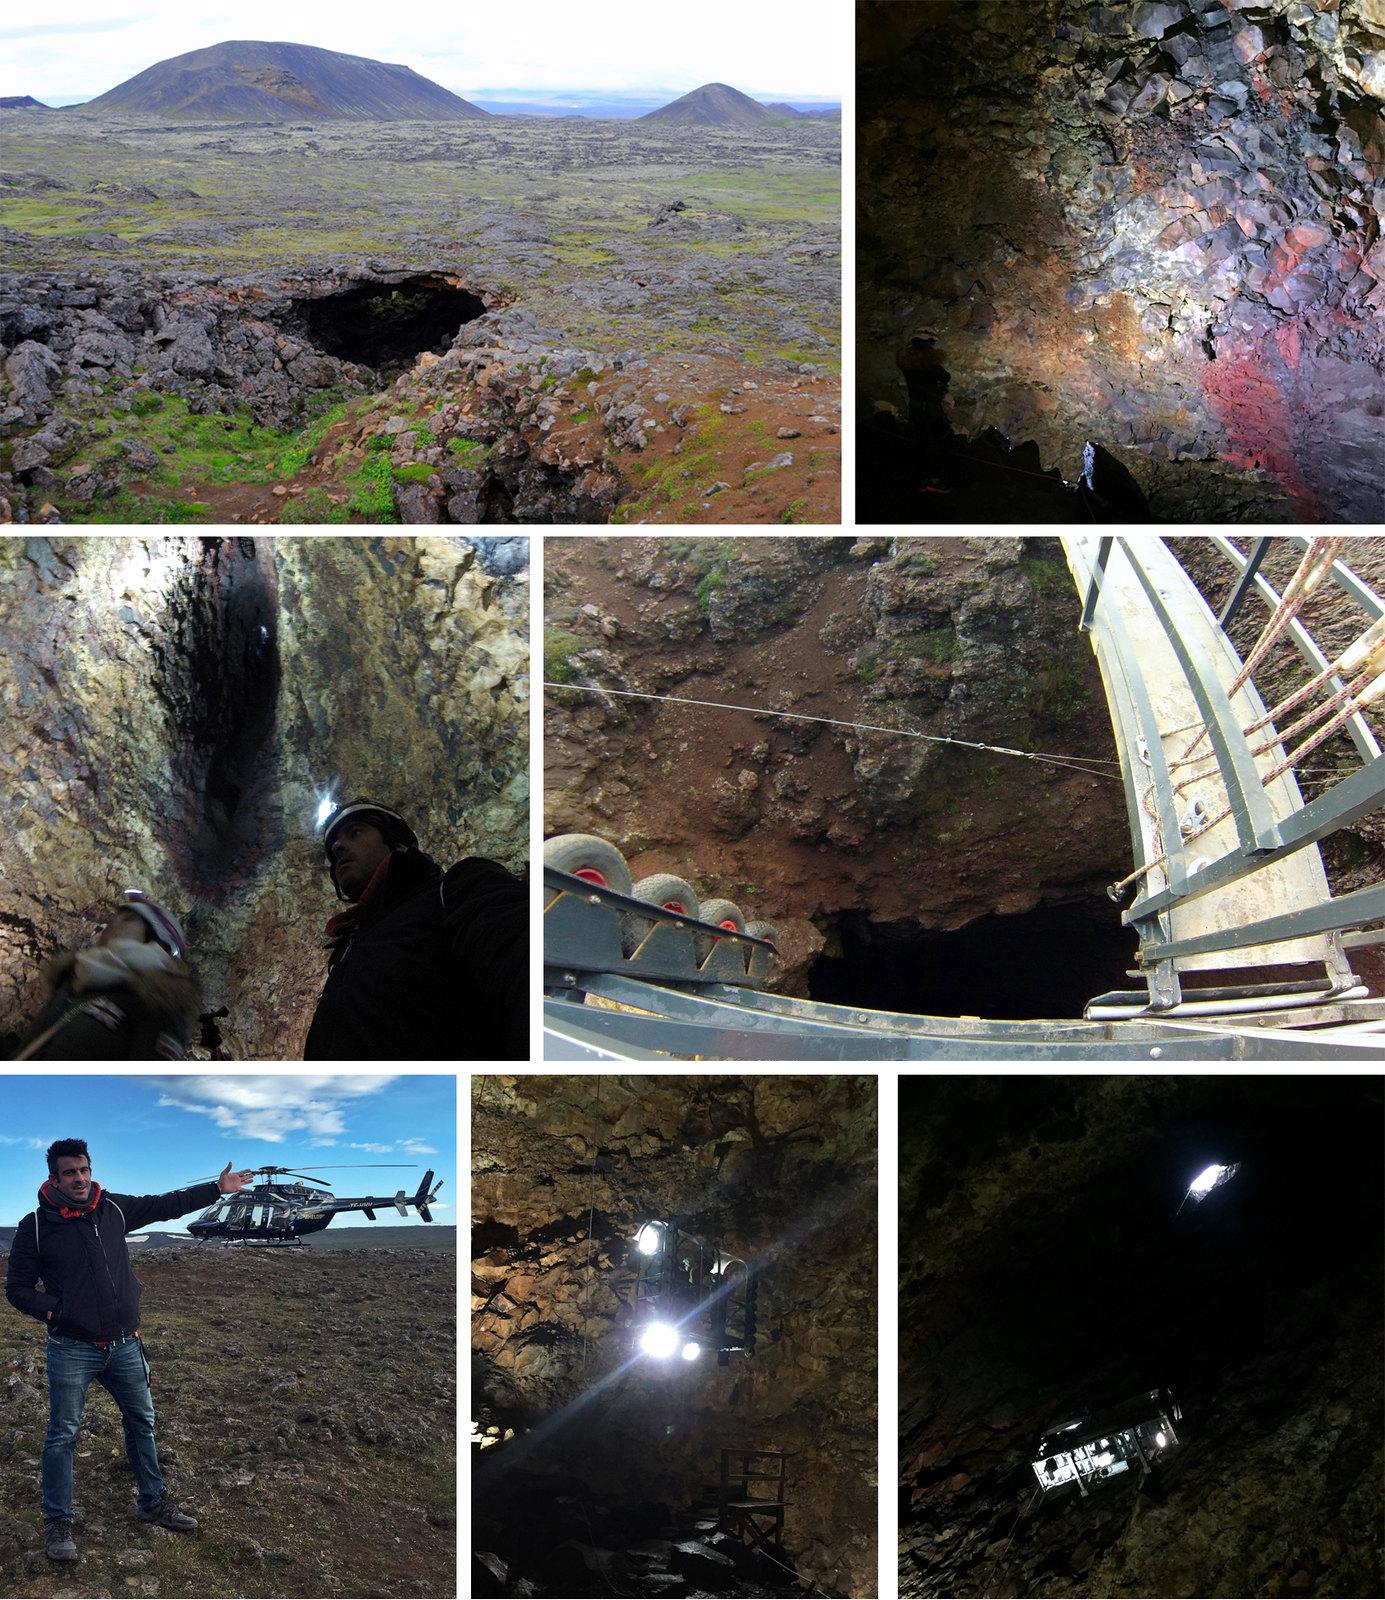 viaje al interior de la tierra a través de un volcán Islandés viaje al interior de la tierra a través de un volcán islandés - 24999577806 c9abd2fda0 h - Viaje al interior de la tierra a través de un volcán Islandés